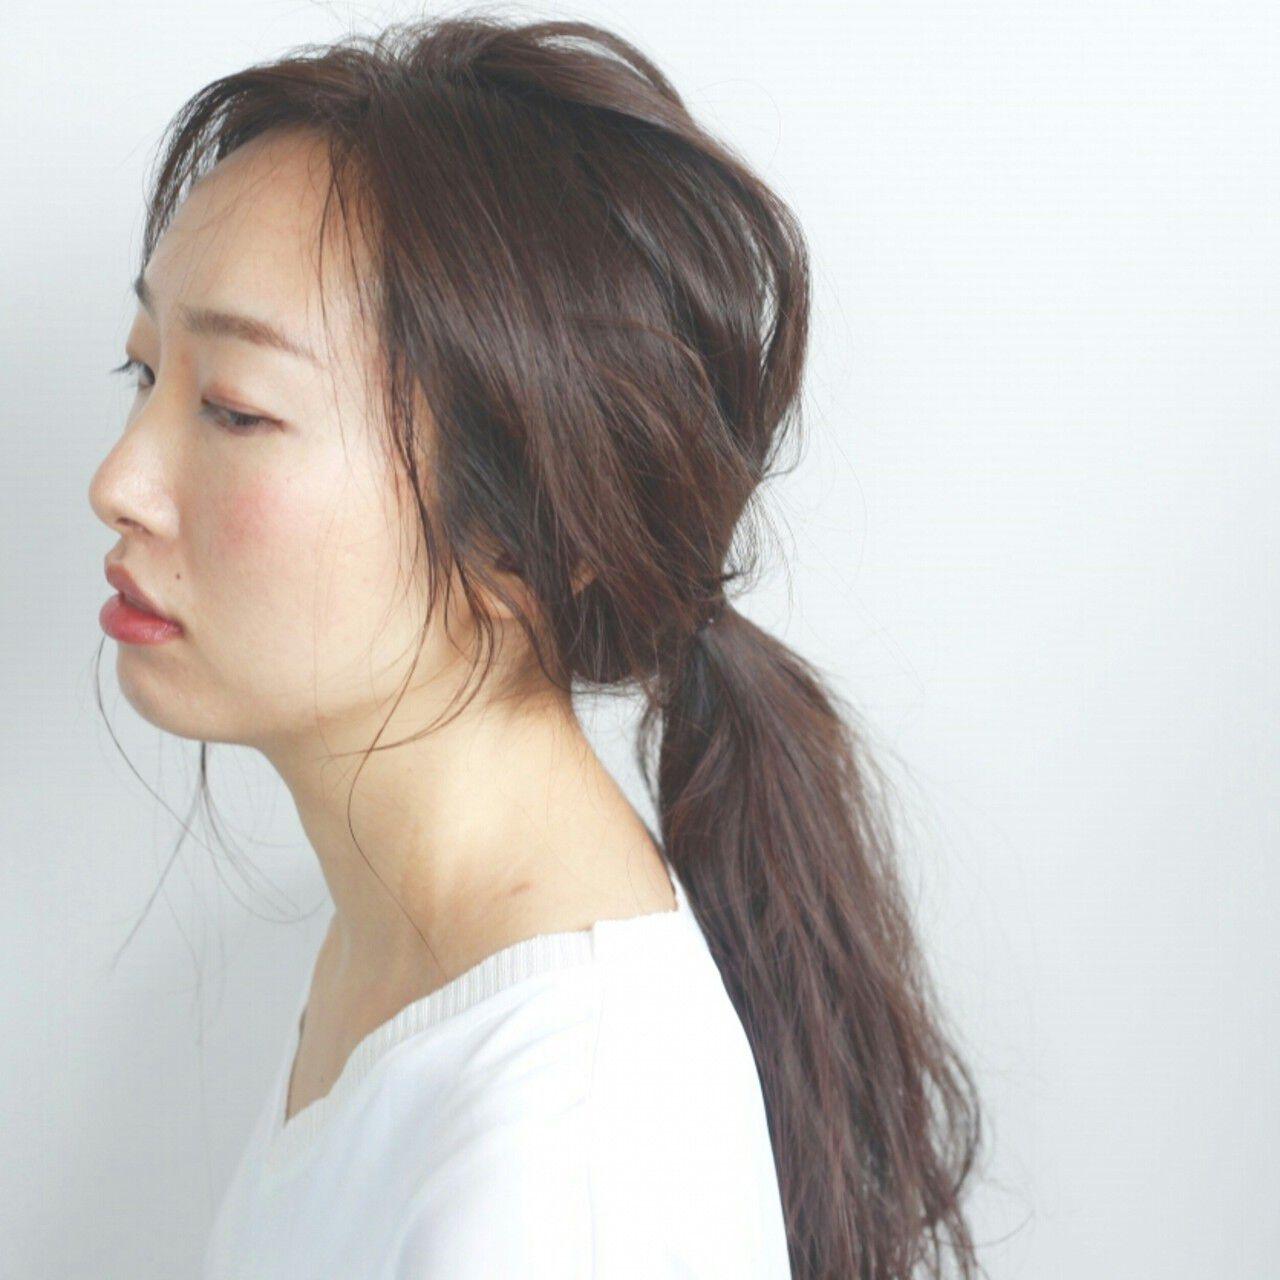 ロング ヘアアレンジ アンニュイ 簡単ヘアアレンジヘアスタイルや髪型の写真・画像